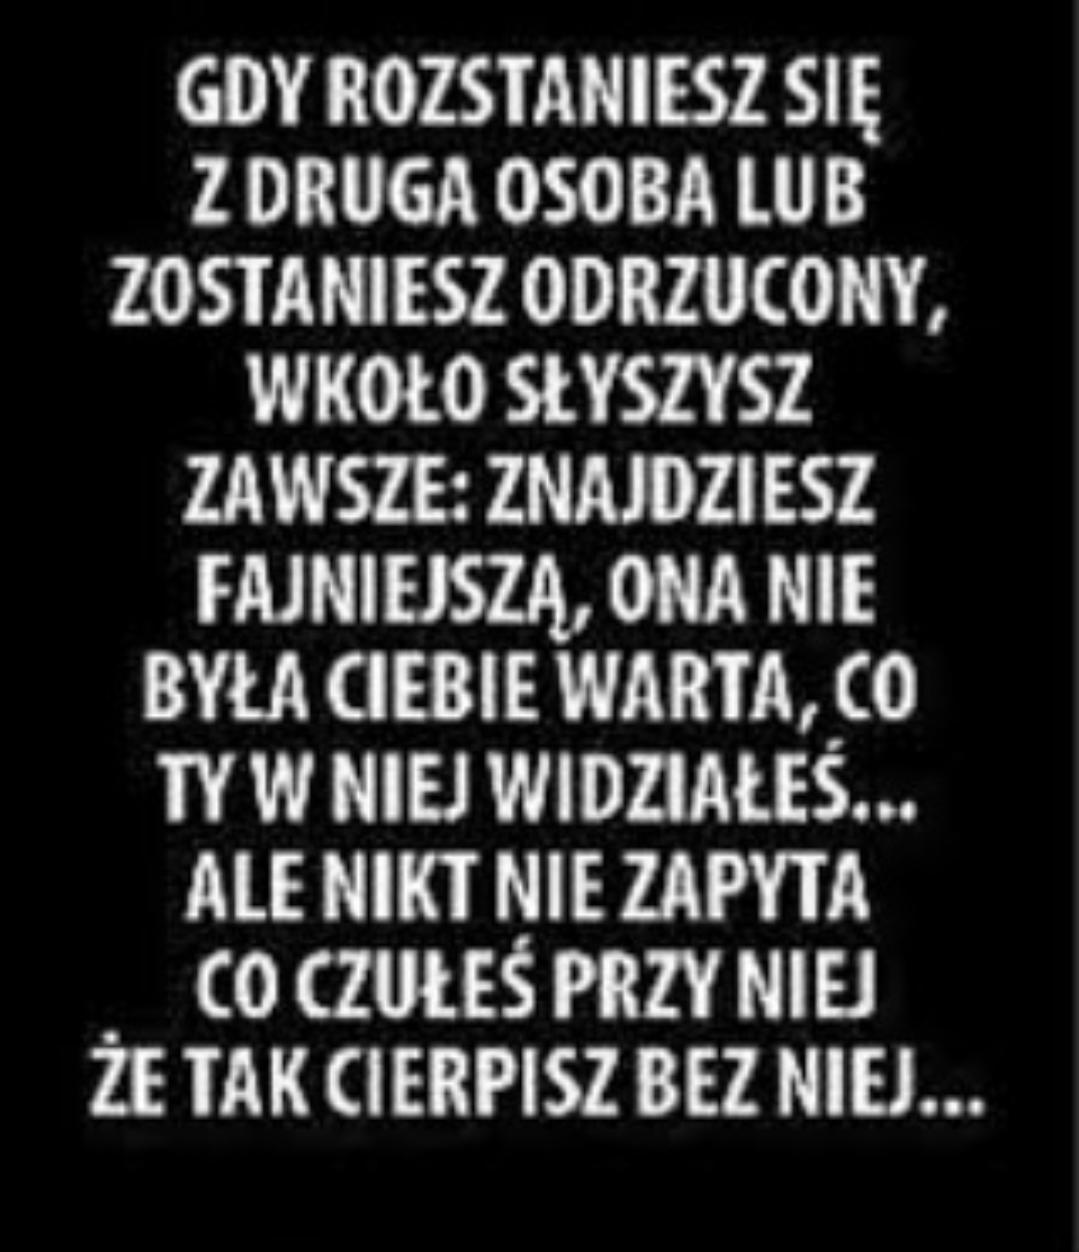 Pin By Rita Szornak On Cytaty Cytaty Cytaty Zyciowe